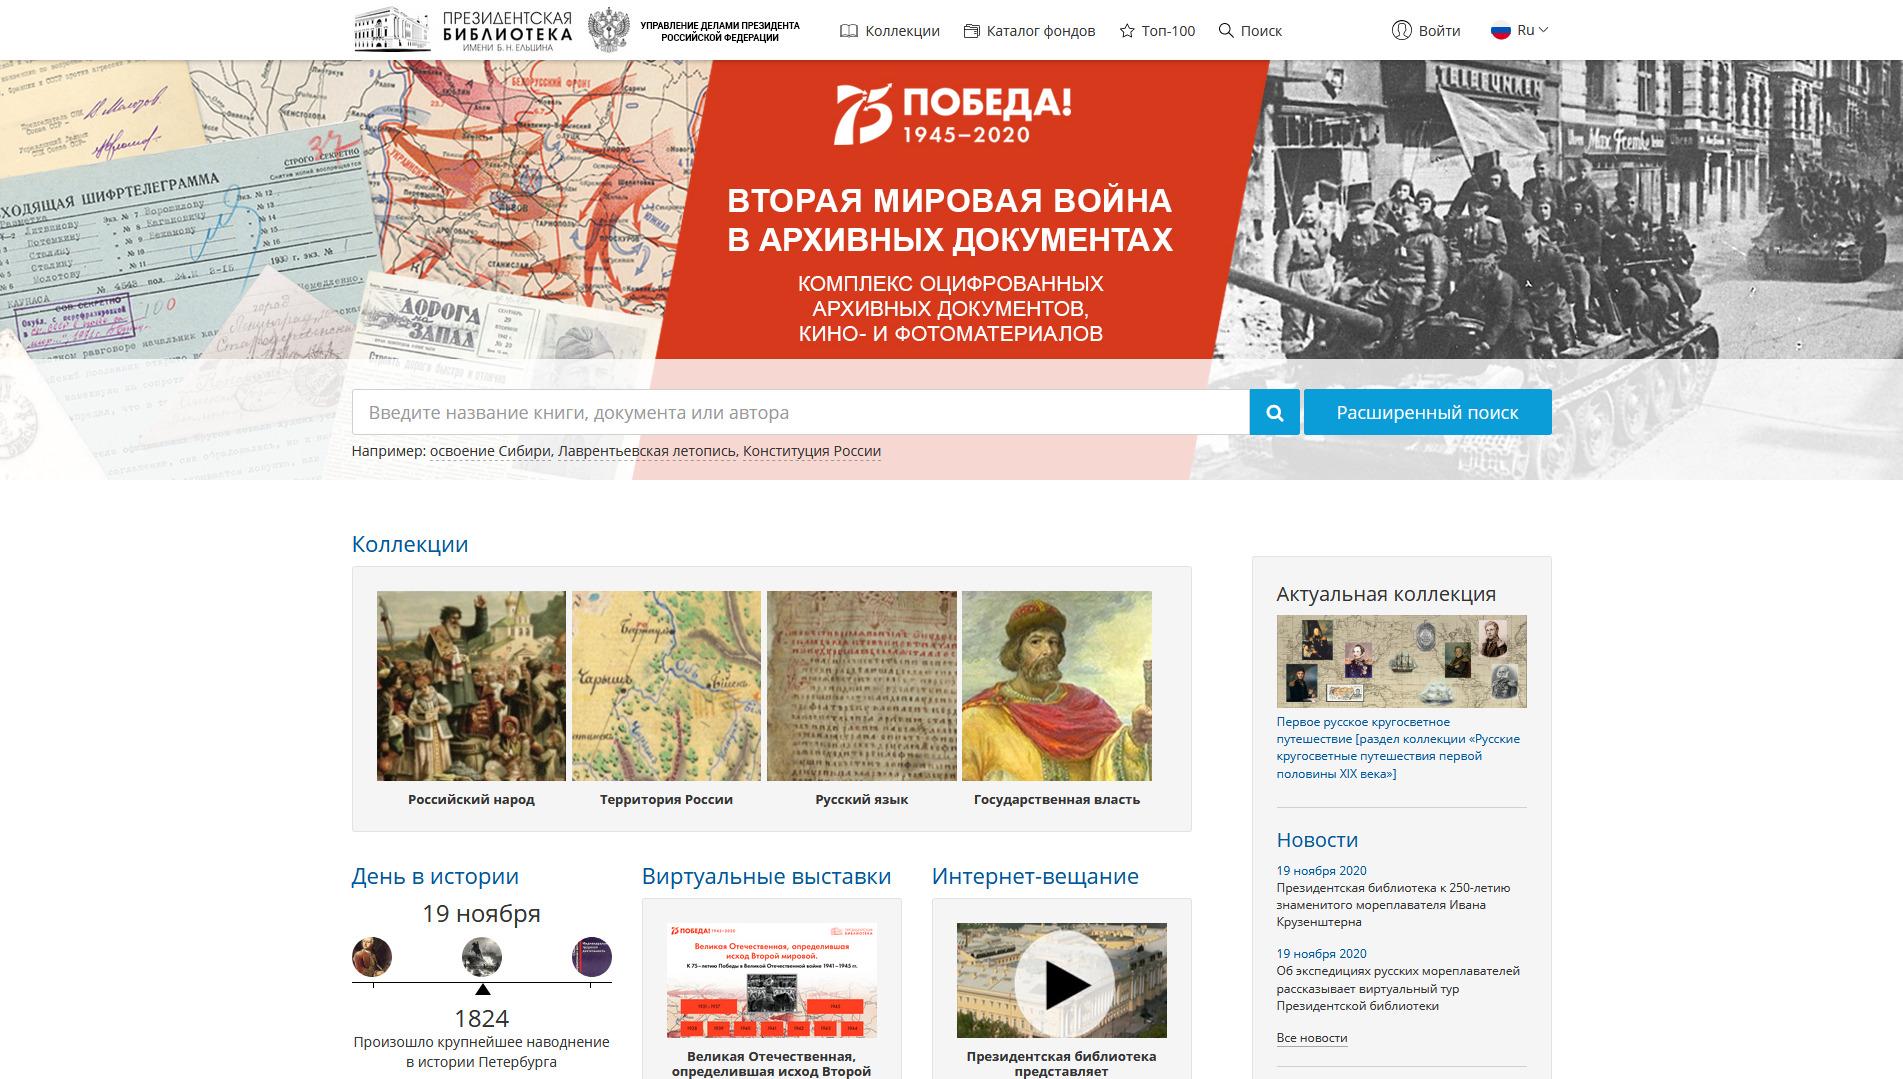 Сайт Президентской библиотеки